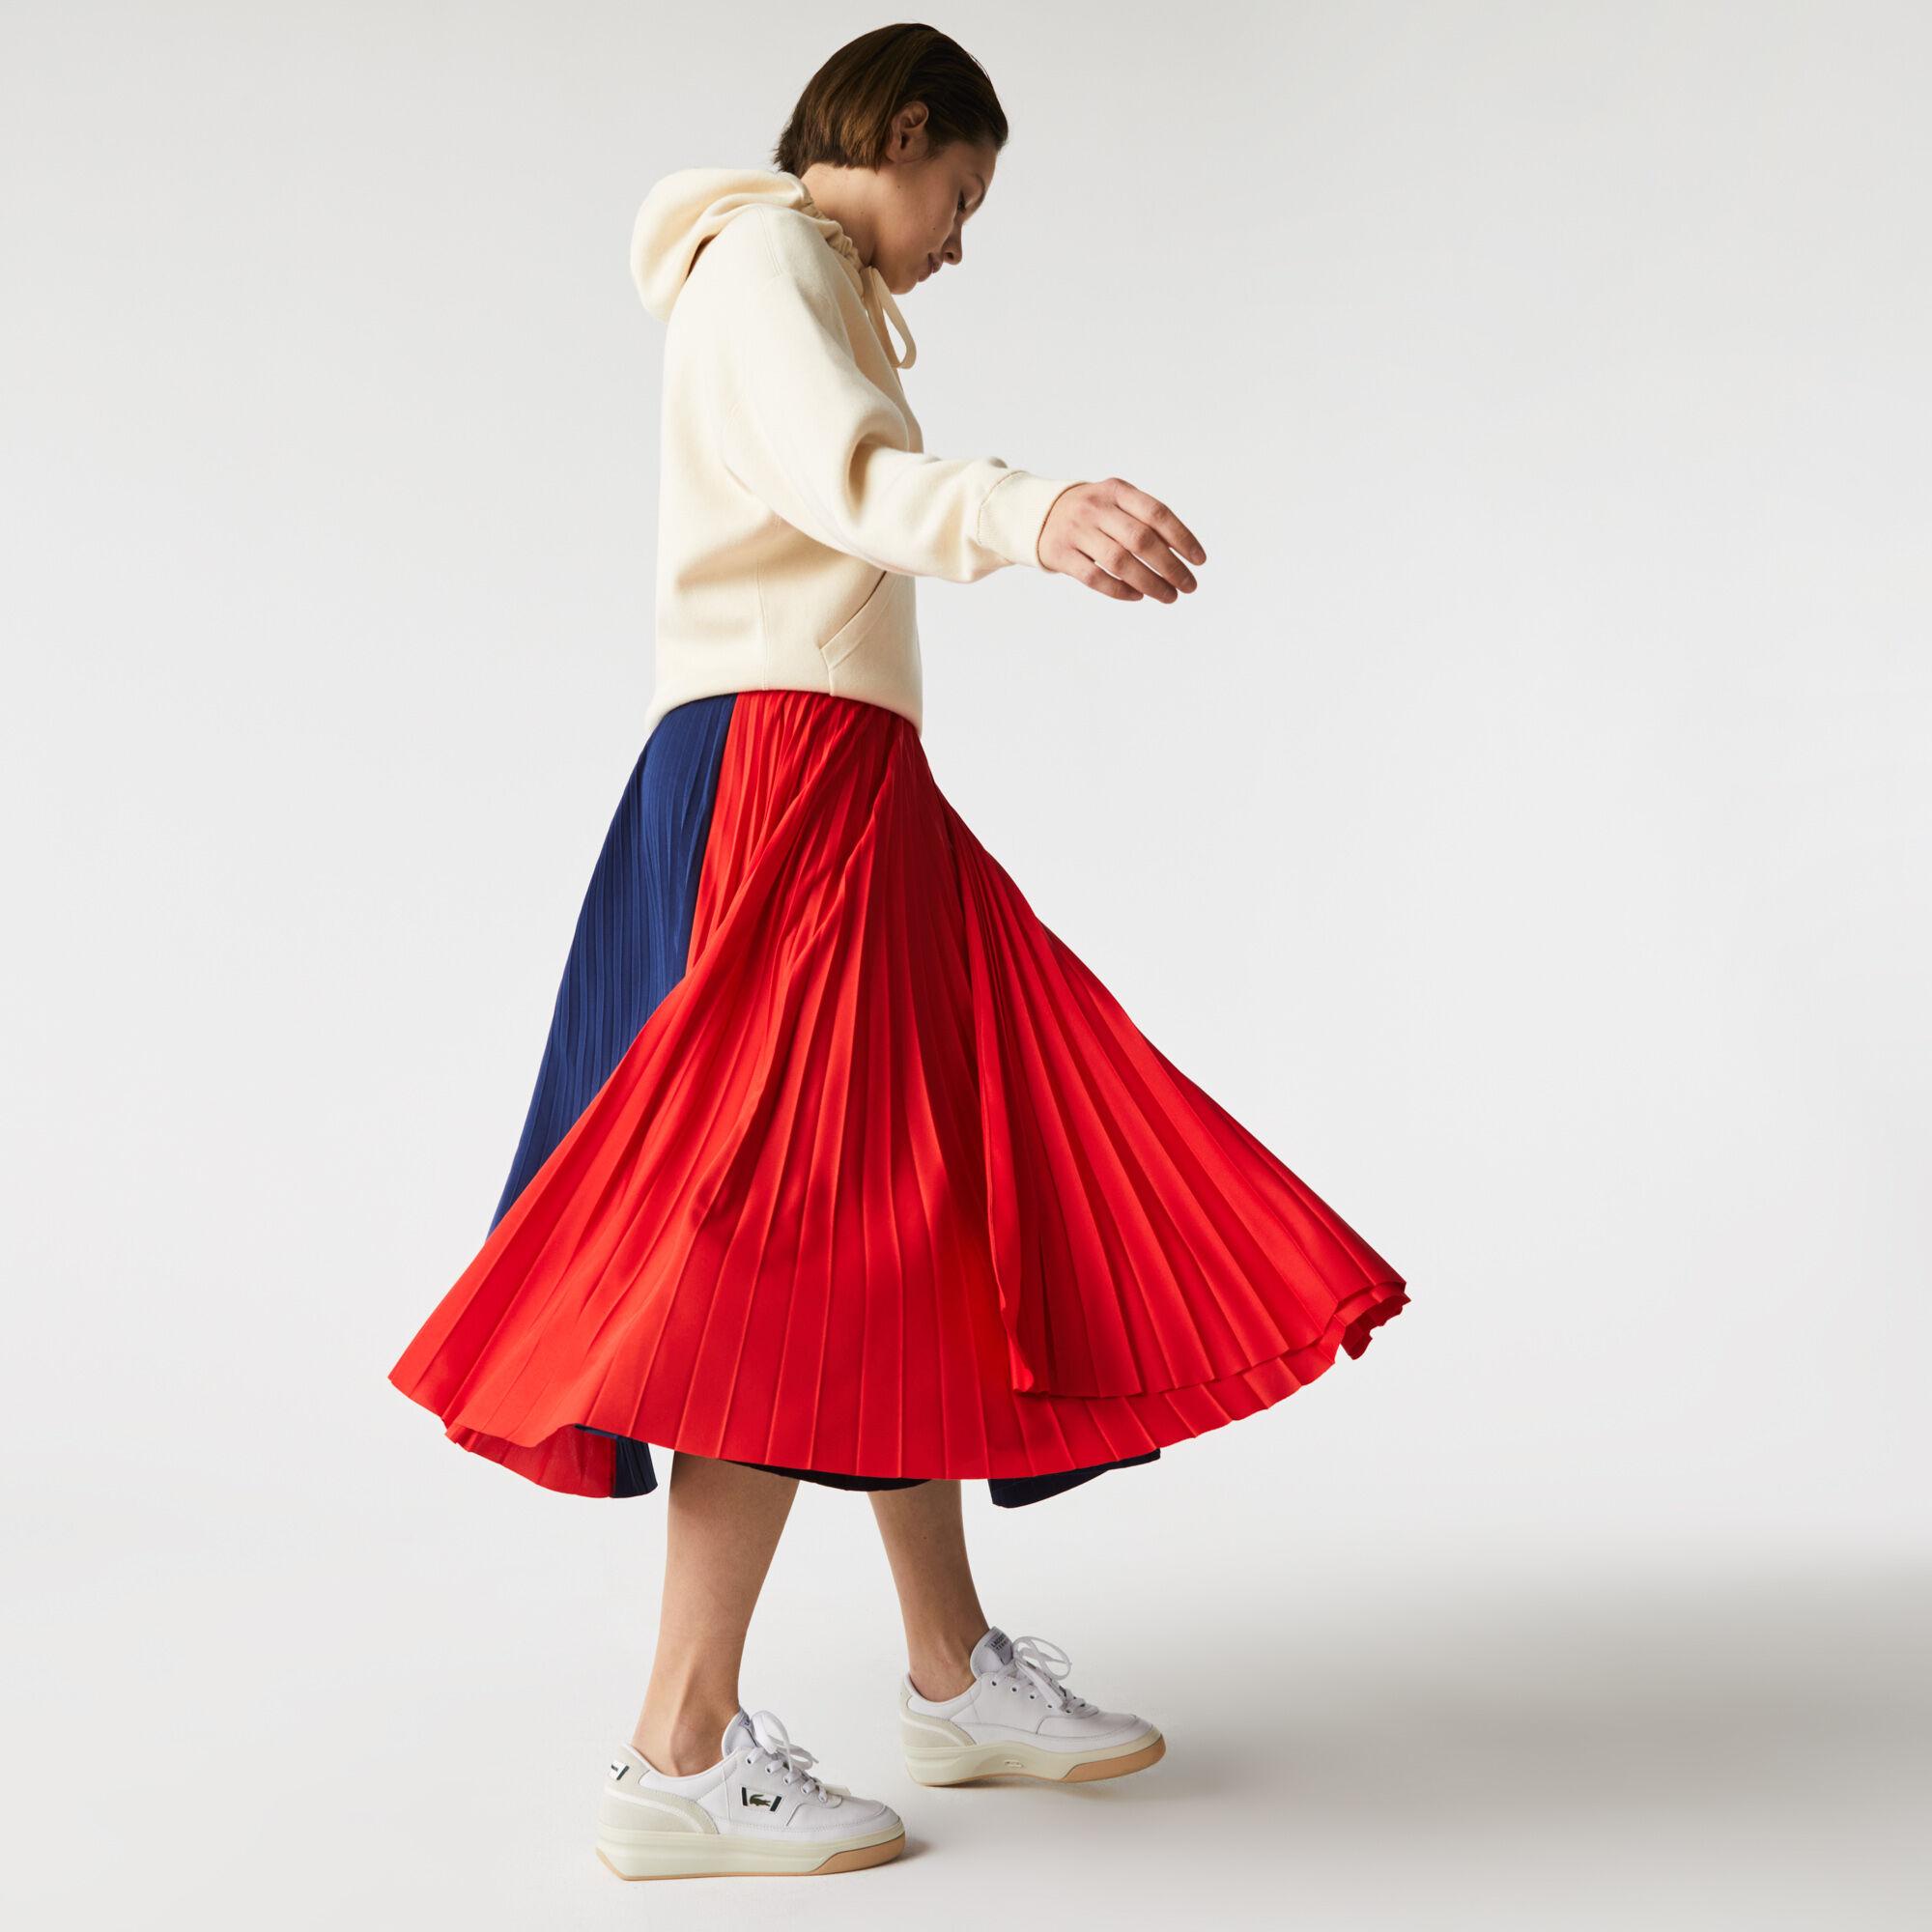 تنورة بطيات متوسطة الطول بكتل لونية للنساء